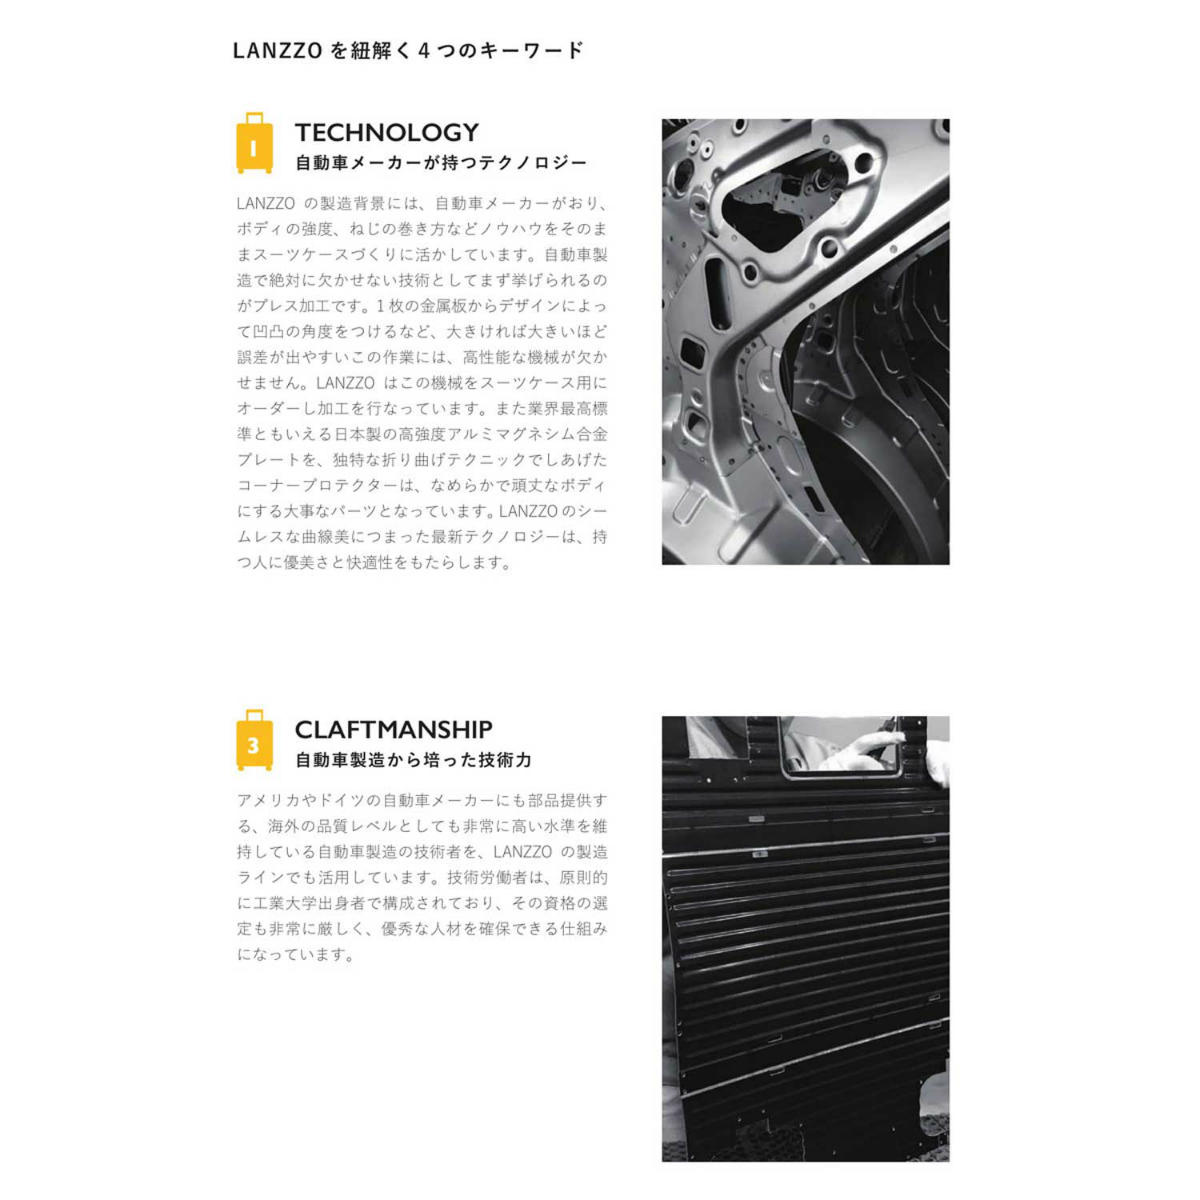 【決算セール・GoTo トラベル】ランツォ LANZZO Norman Light ノーマン ライト 4輪 87L 約5.8kg ダイアルロック式 ポリカーボネート スーツケース PC29 42906 GRY(グレー)【返品交換不可】special priceAM